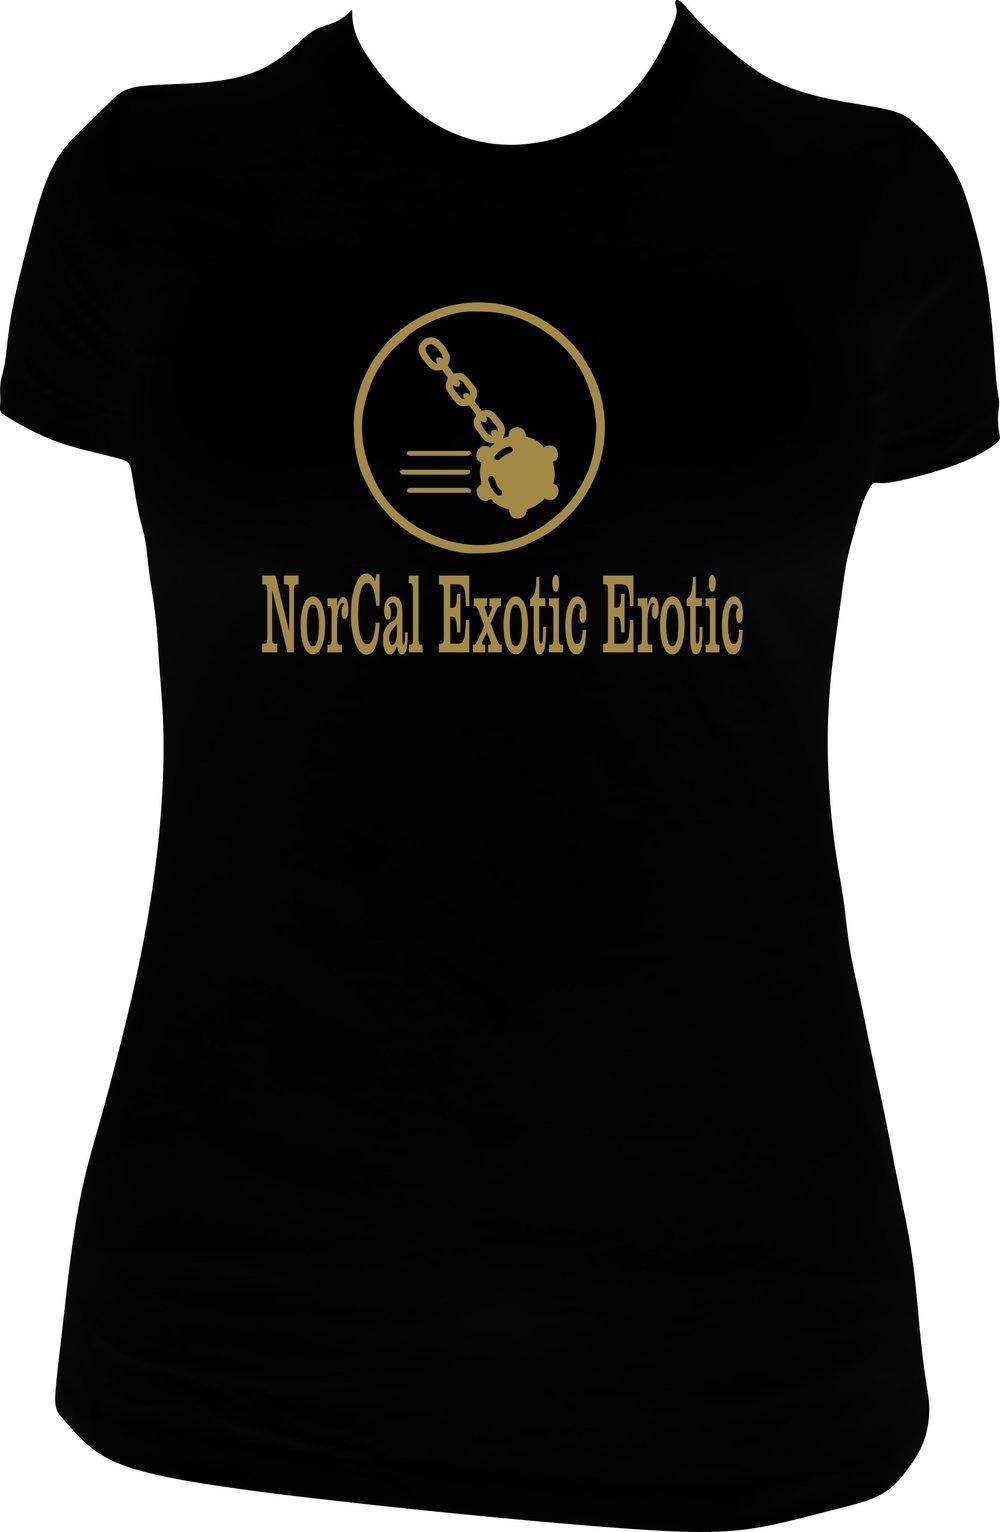 tee shirt ladies.jpg